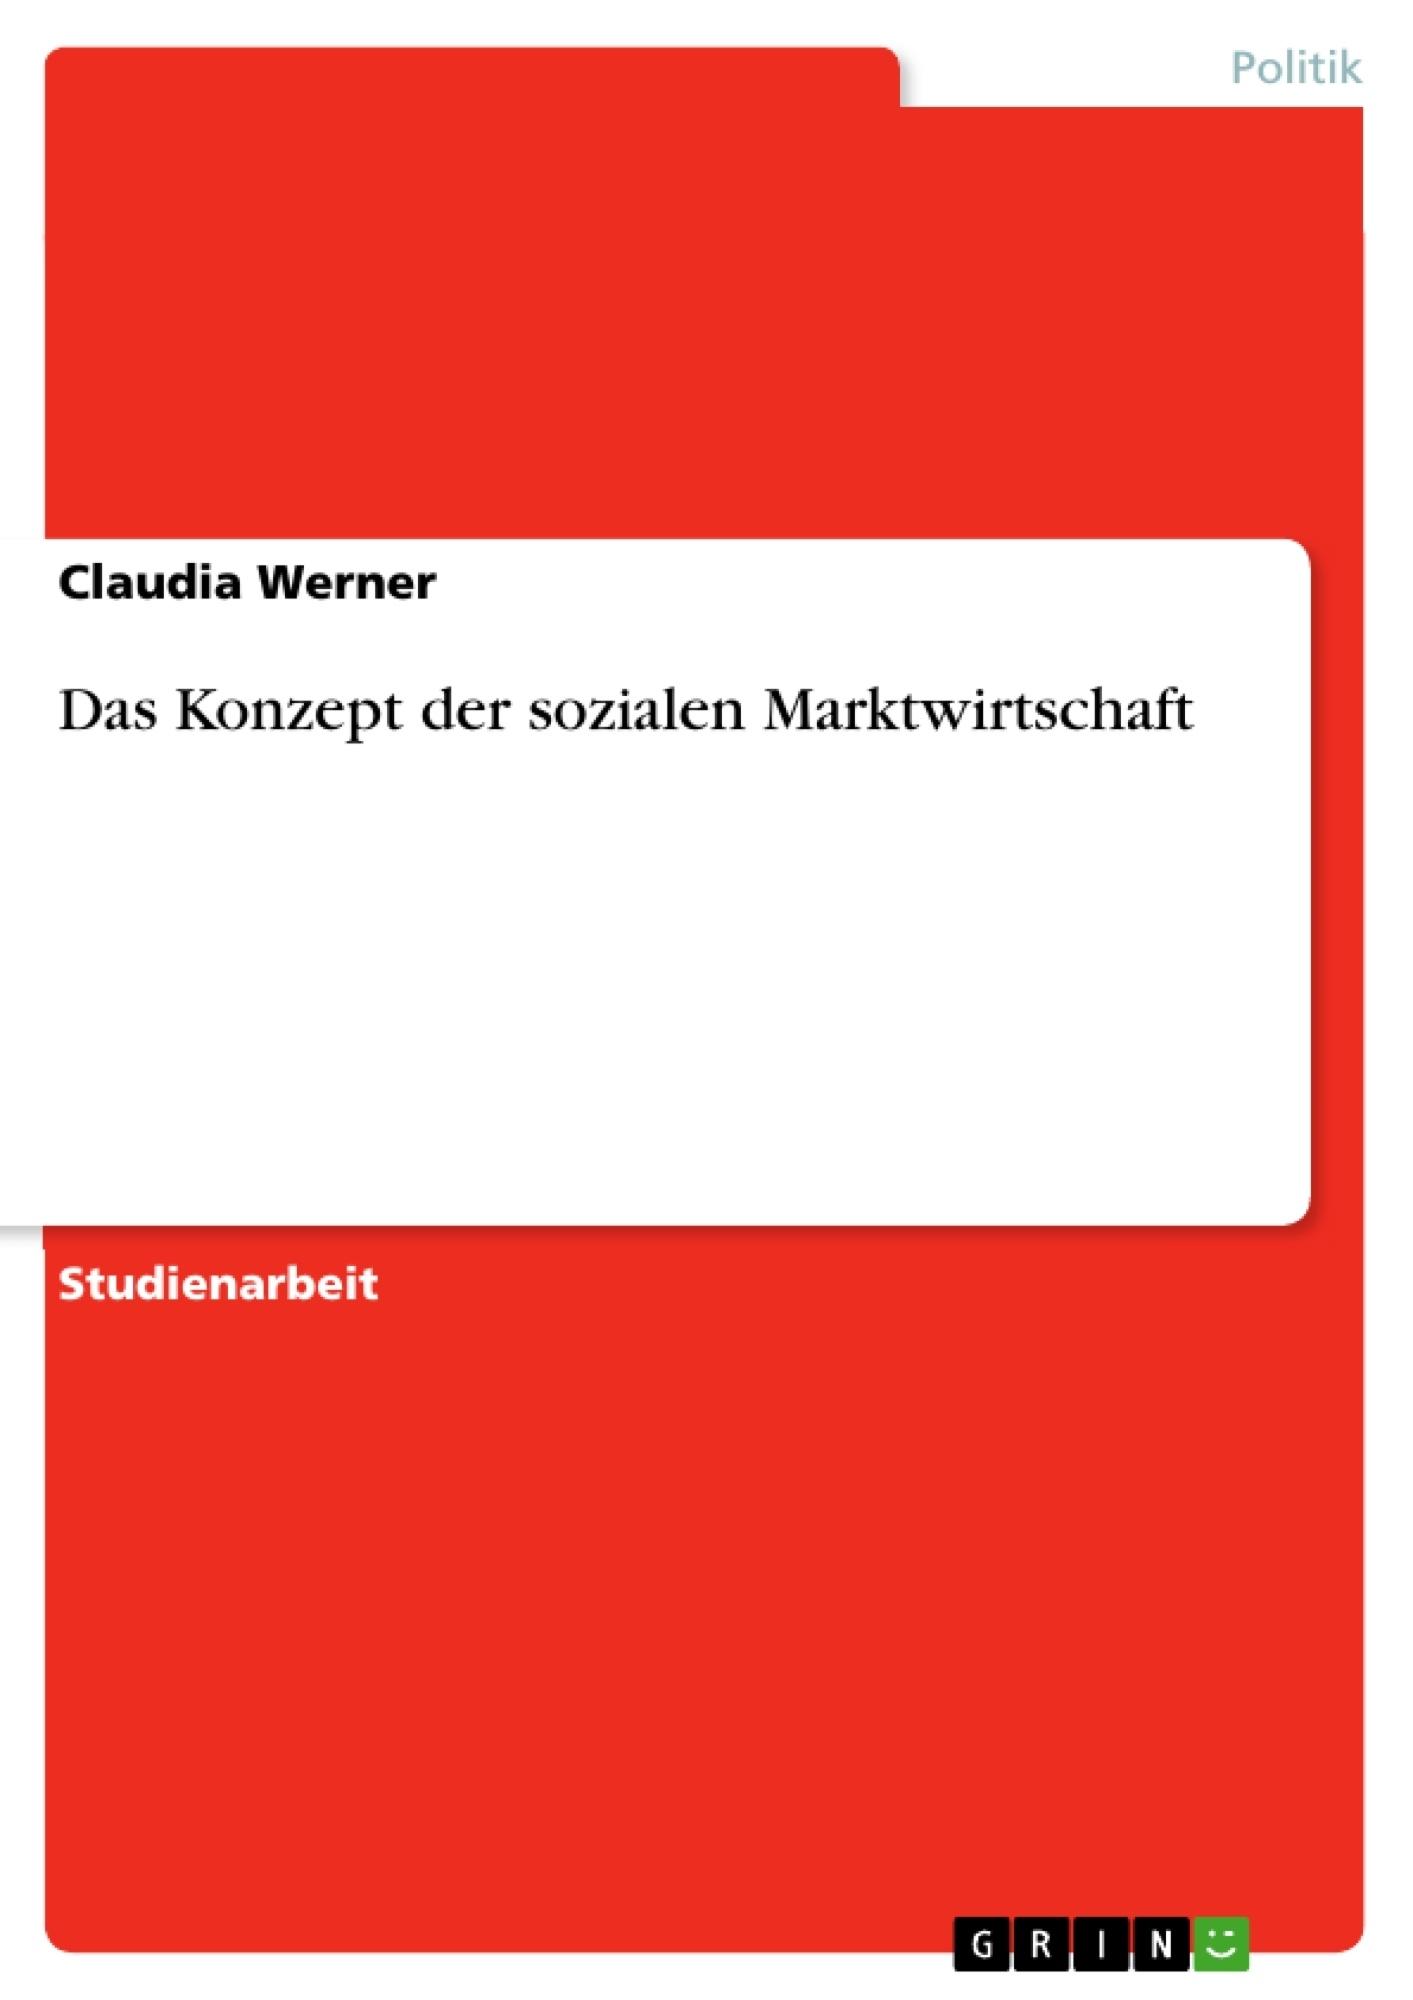 Titel: Das Konzept der sozialen Marktwirtschaft